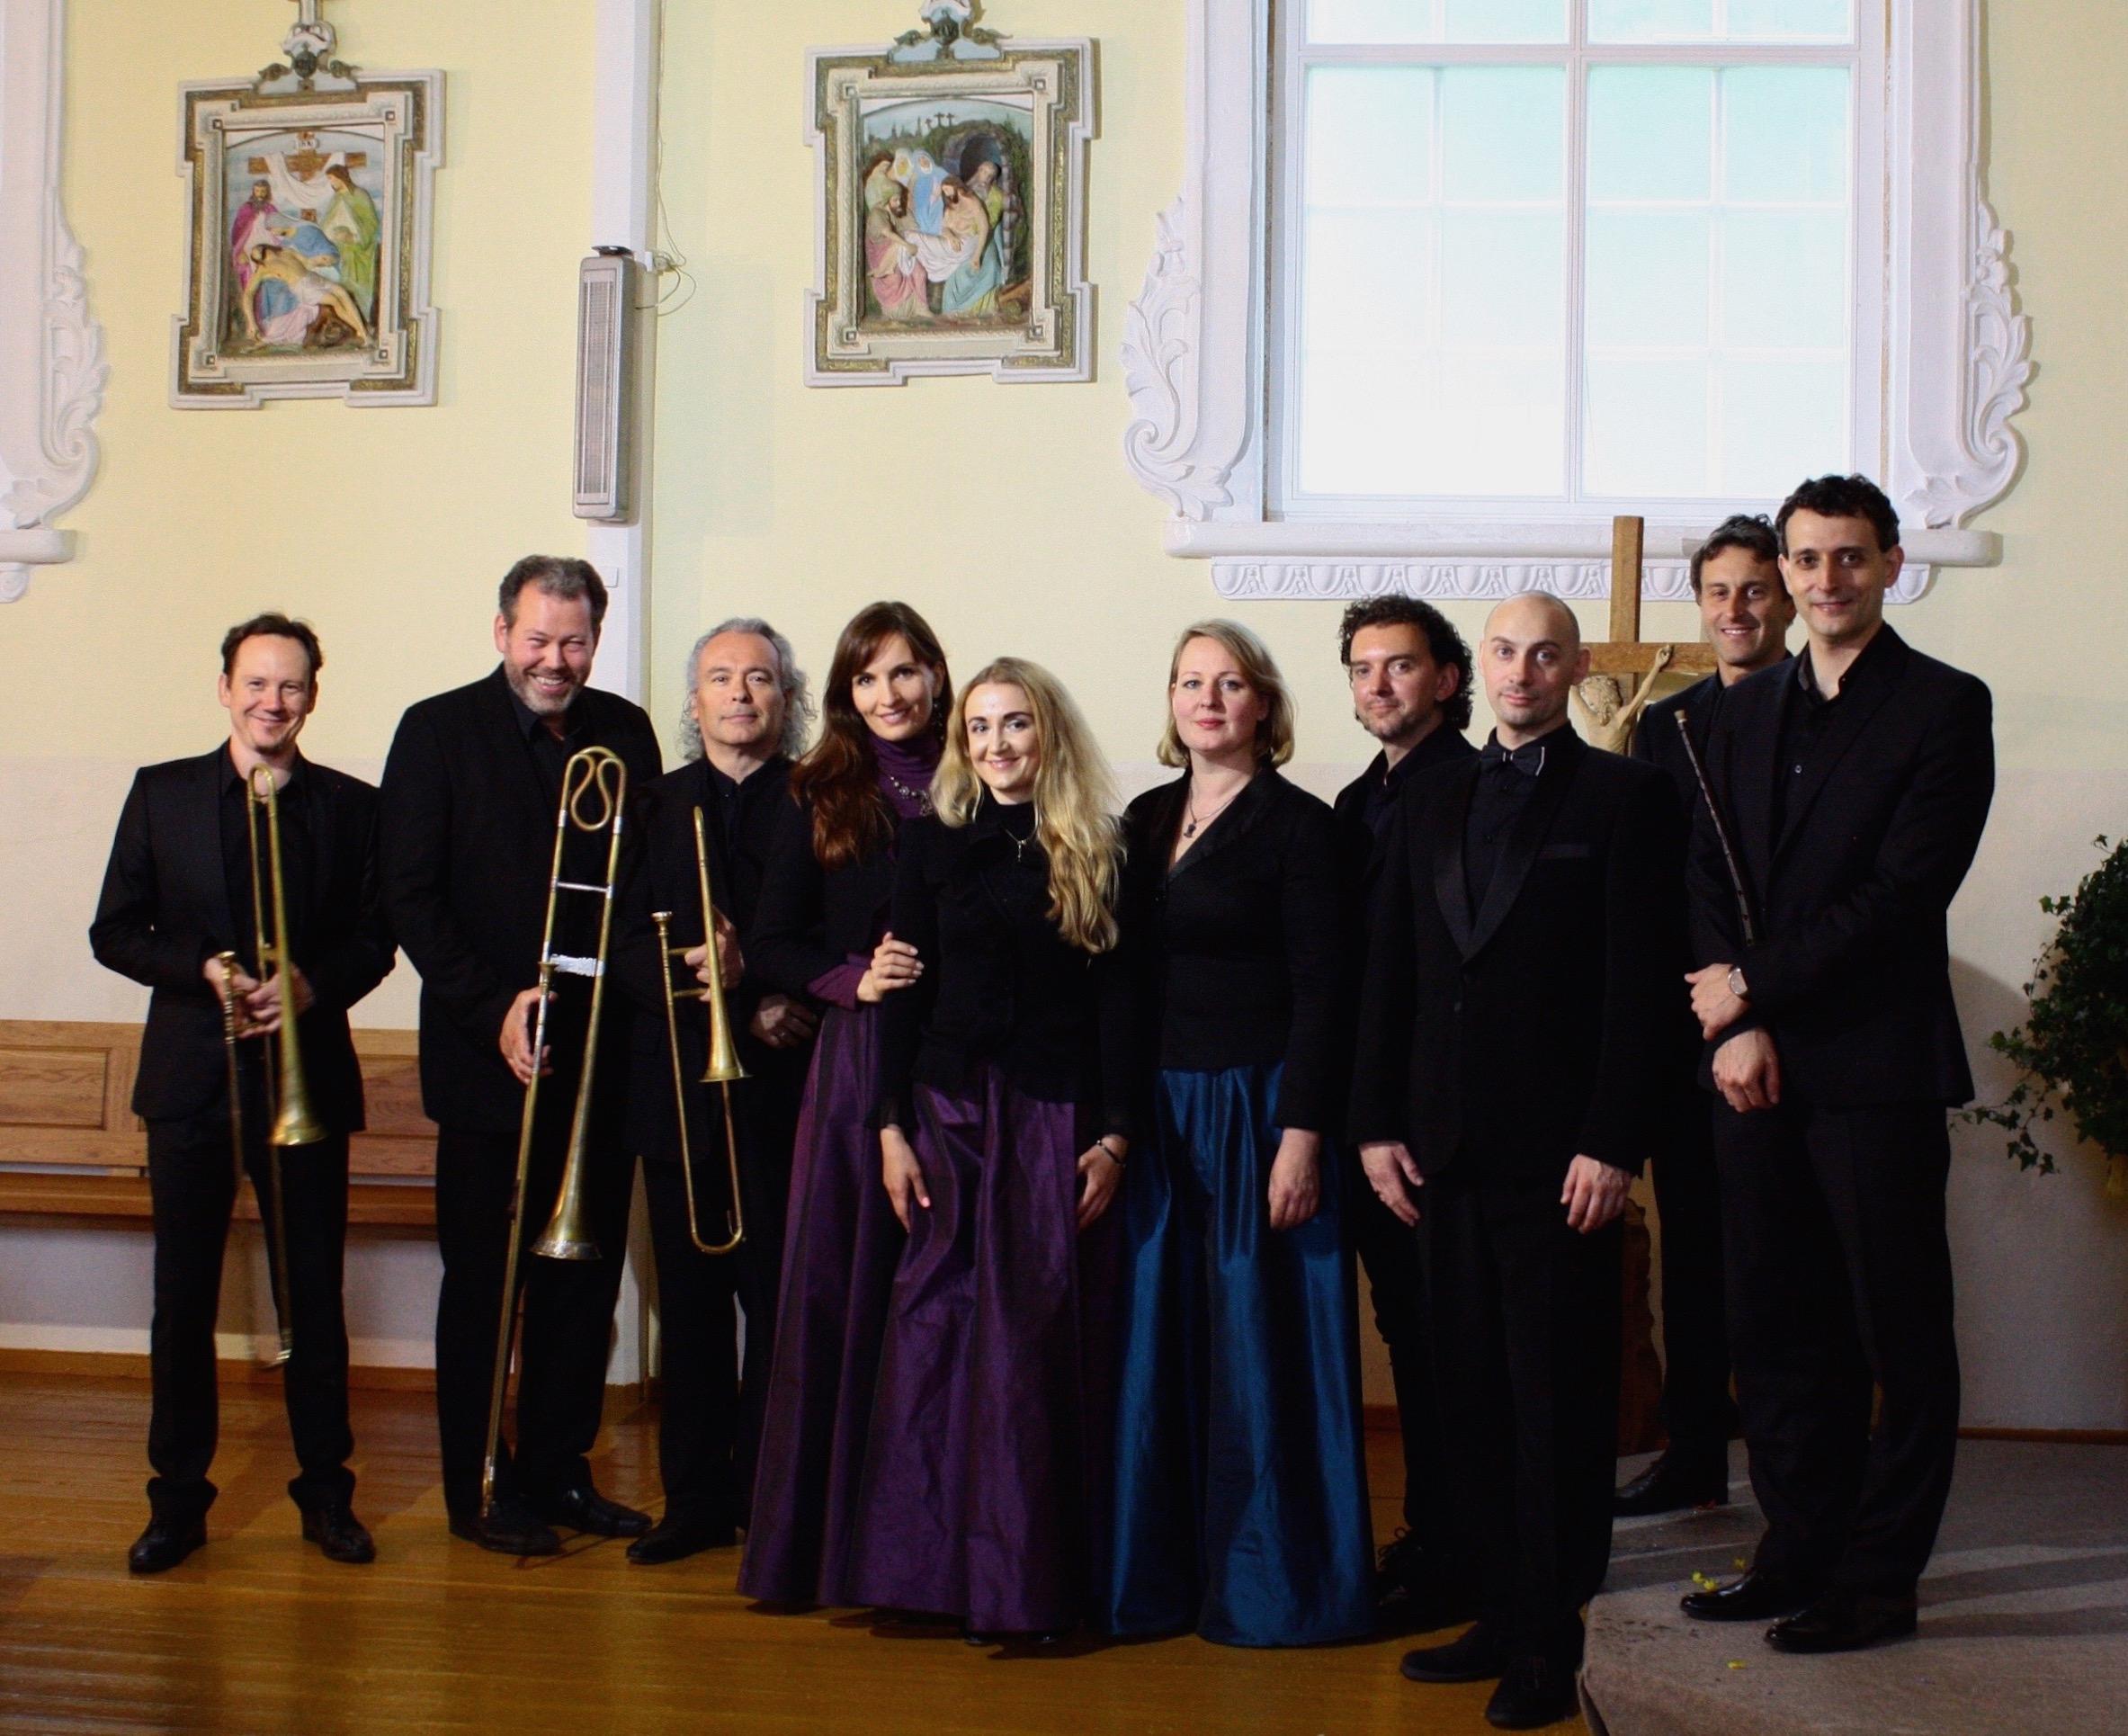 Canto Fiorito, Musica Antiqua Salzburg